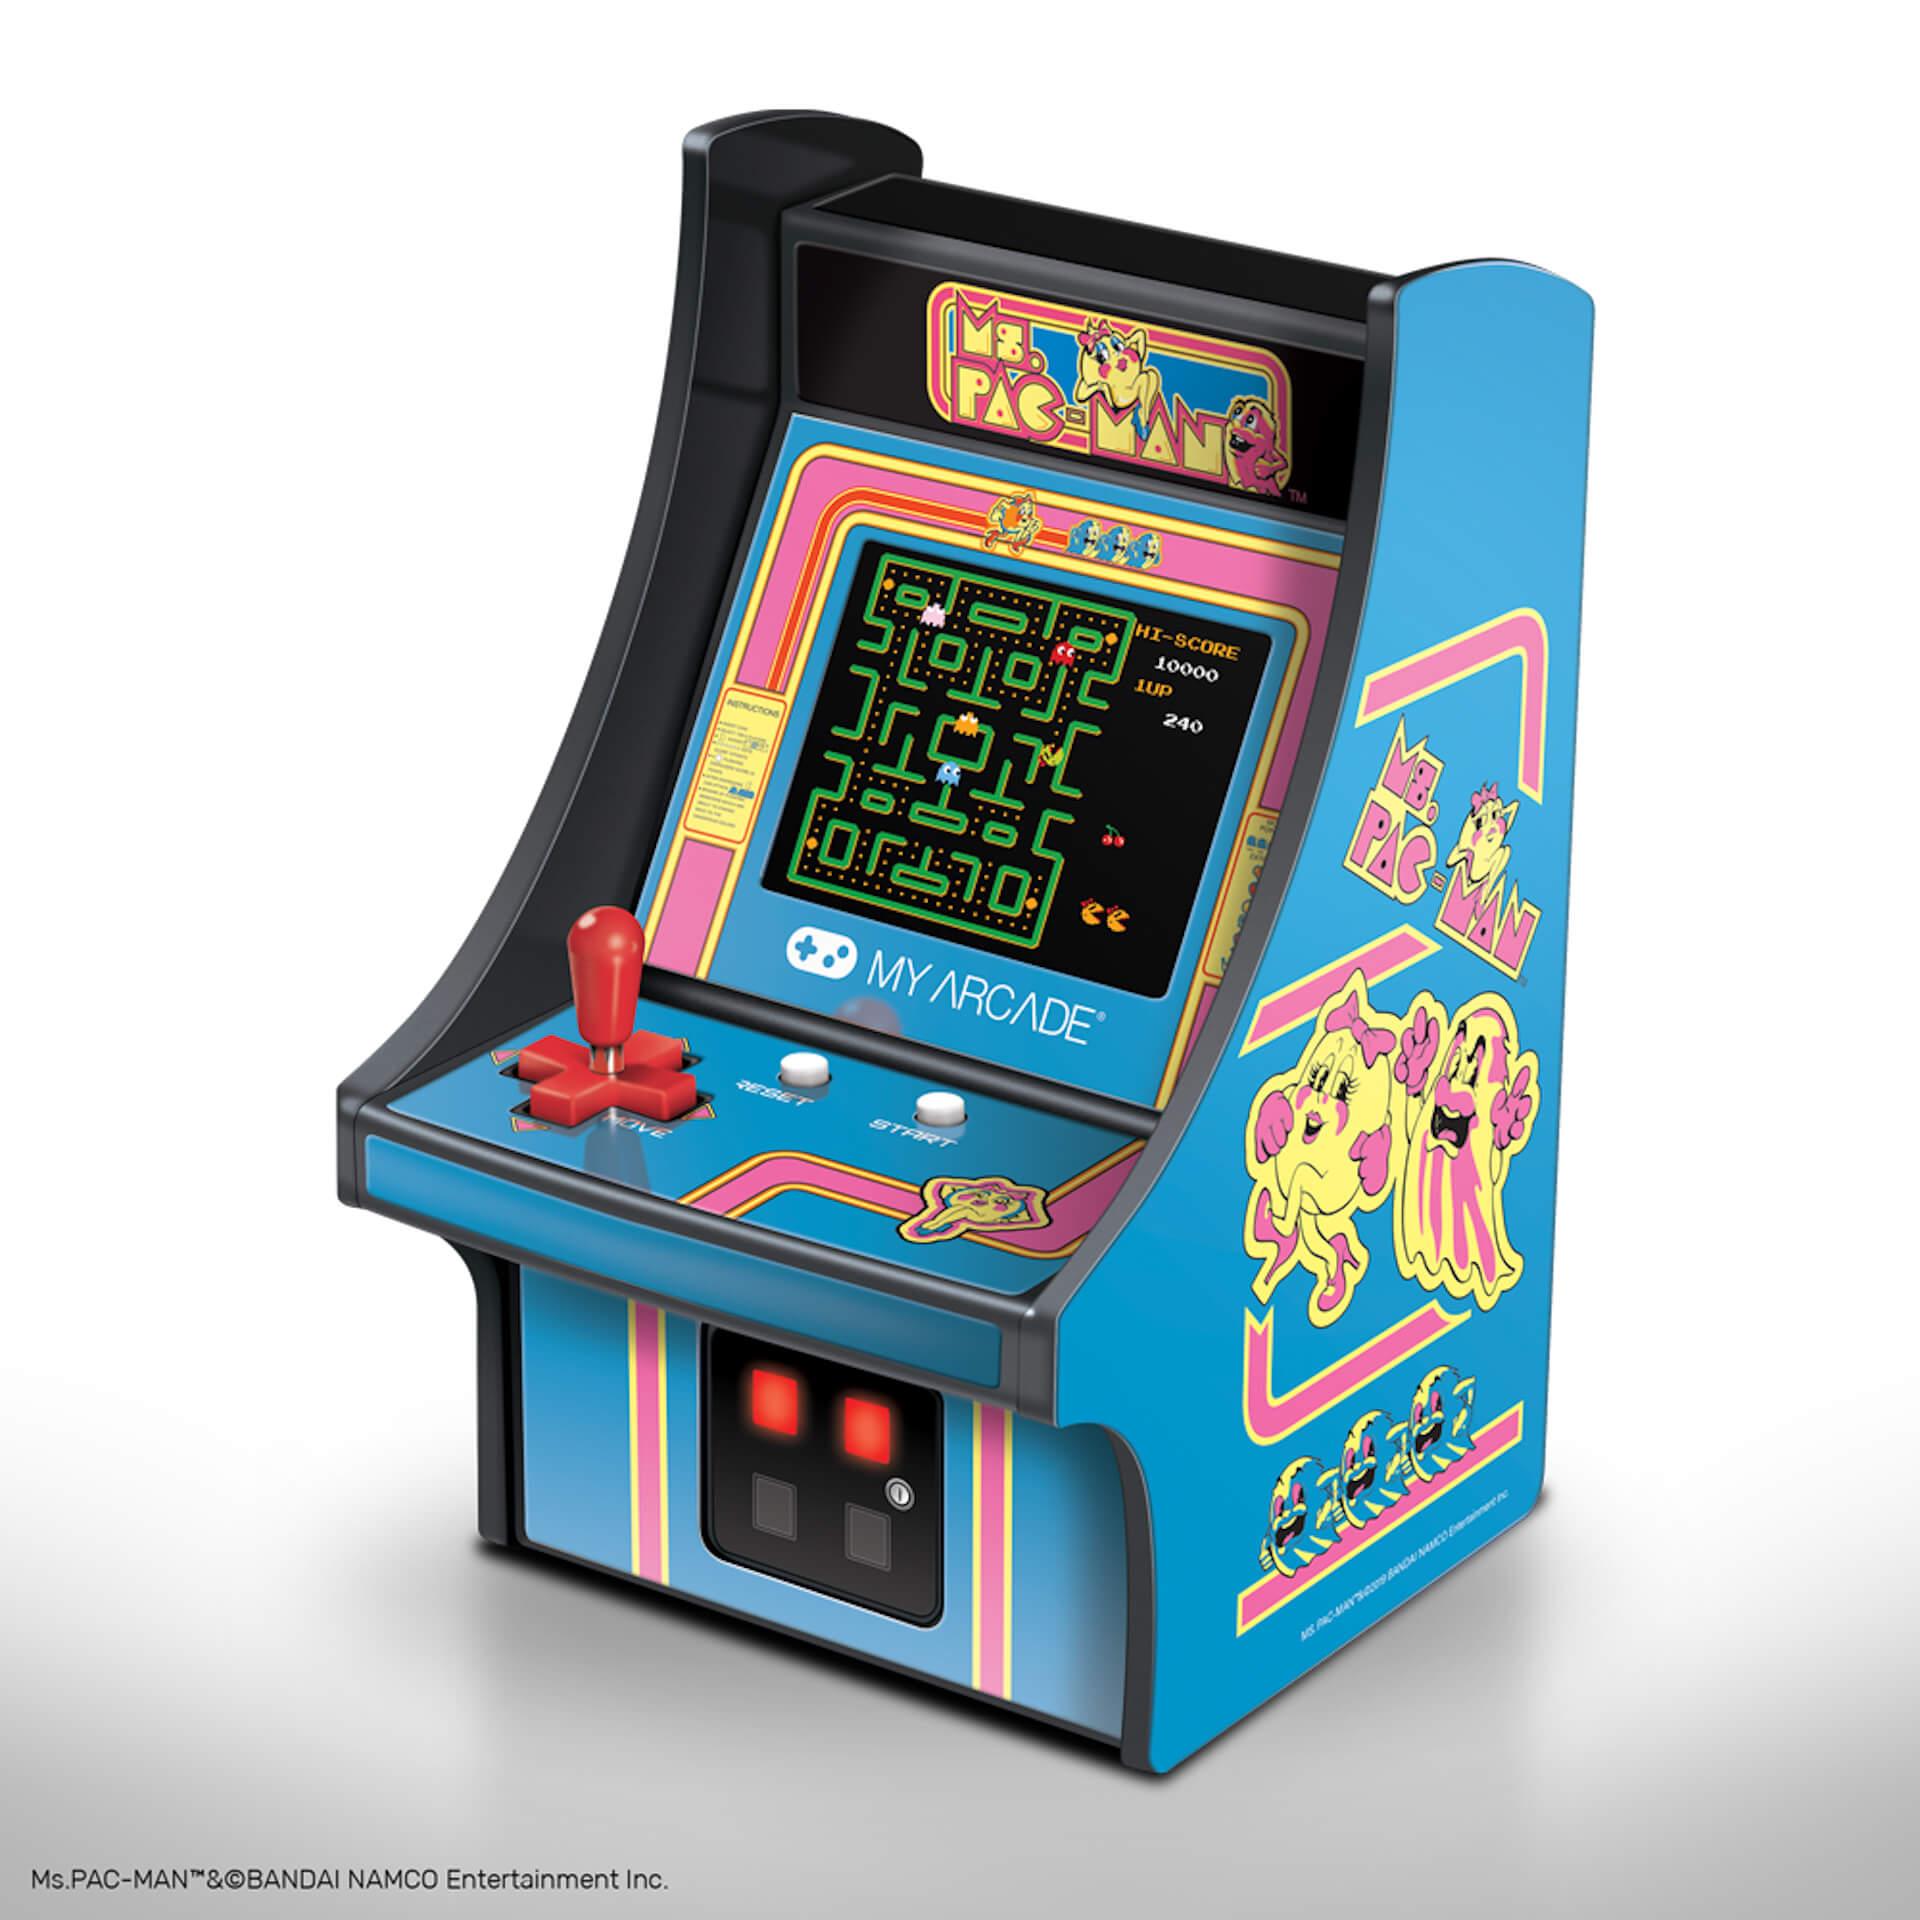 パックマンのミニチュアアーケードが家にやってくる!誕生40周年を記念した小型ゲーム機が続々登場 tech200610_pacman_3